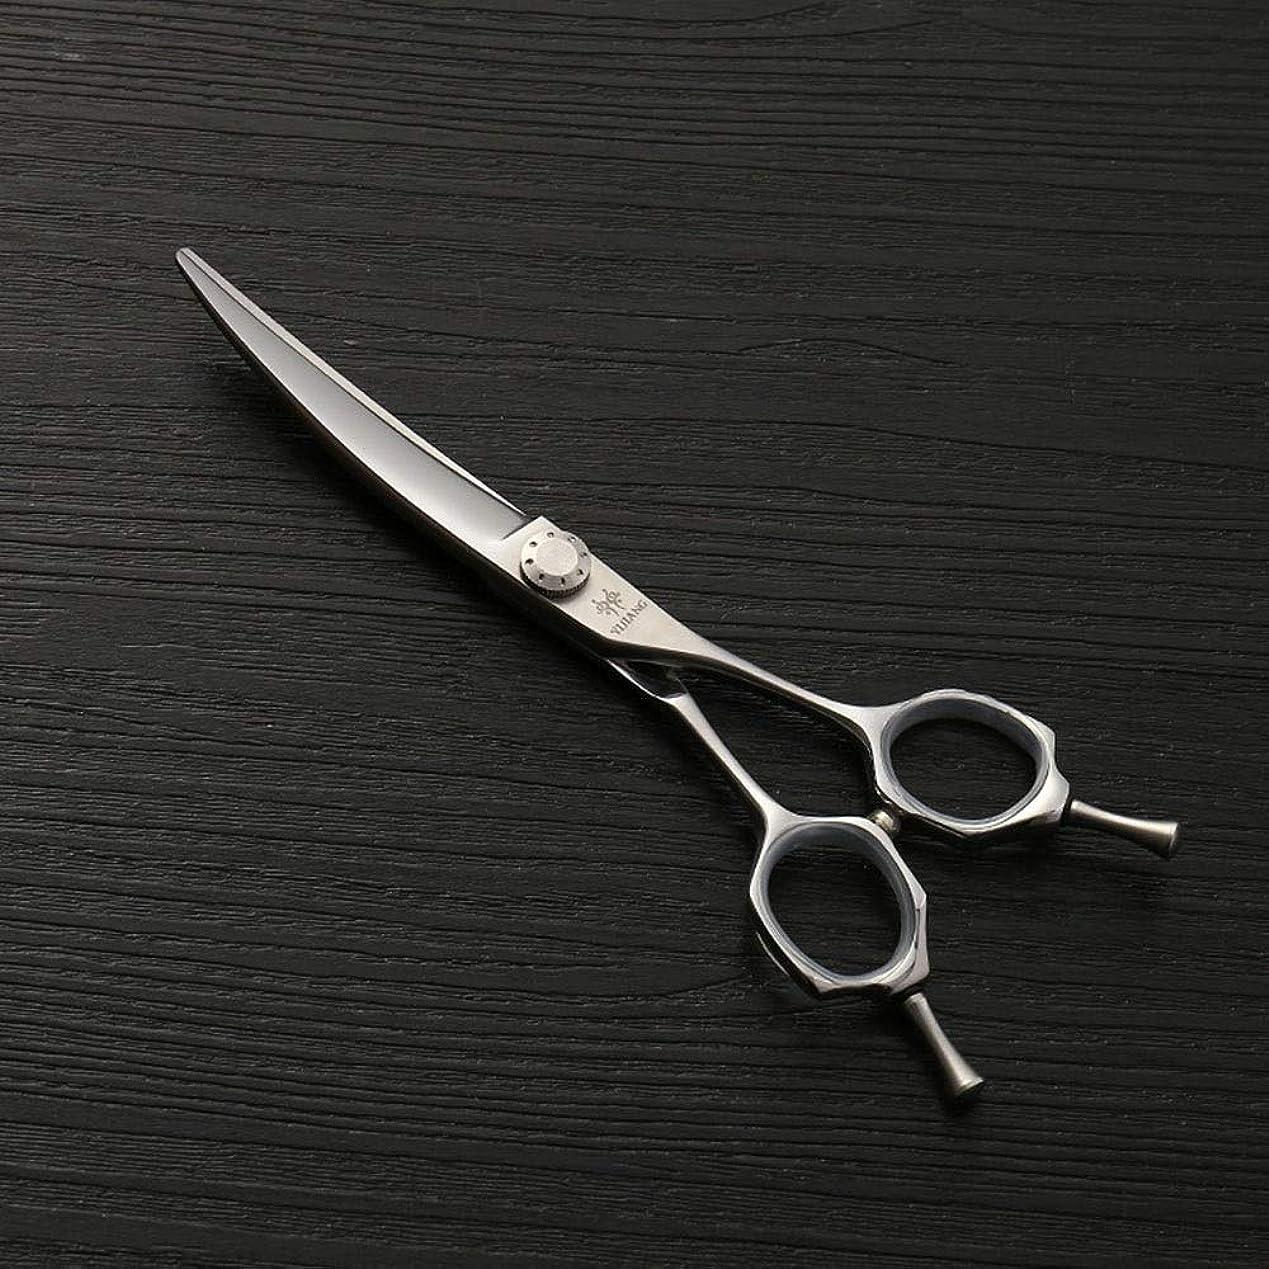 窒息させる酸化物の面では440Cステンレス鋼理髪はさみ、6.0ファッション散髪はさみ、ヘアスタイリストの動向 モデリングツール (色 : Silver)